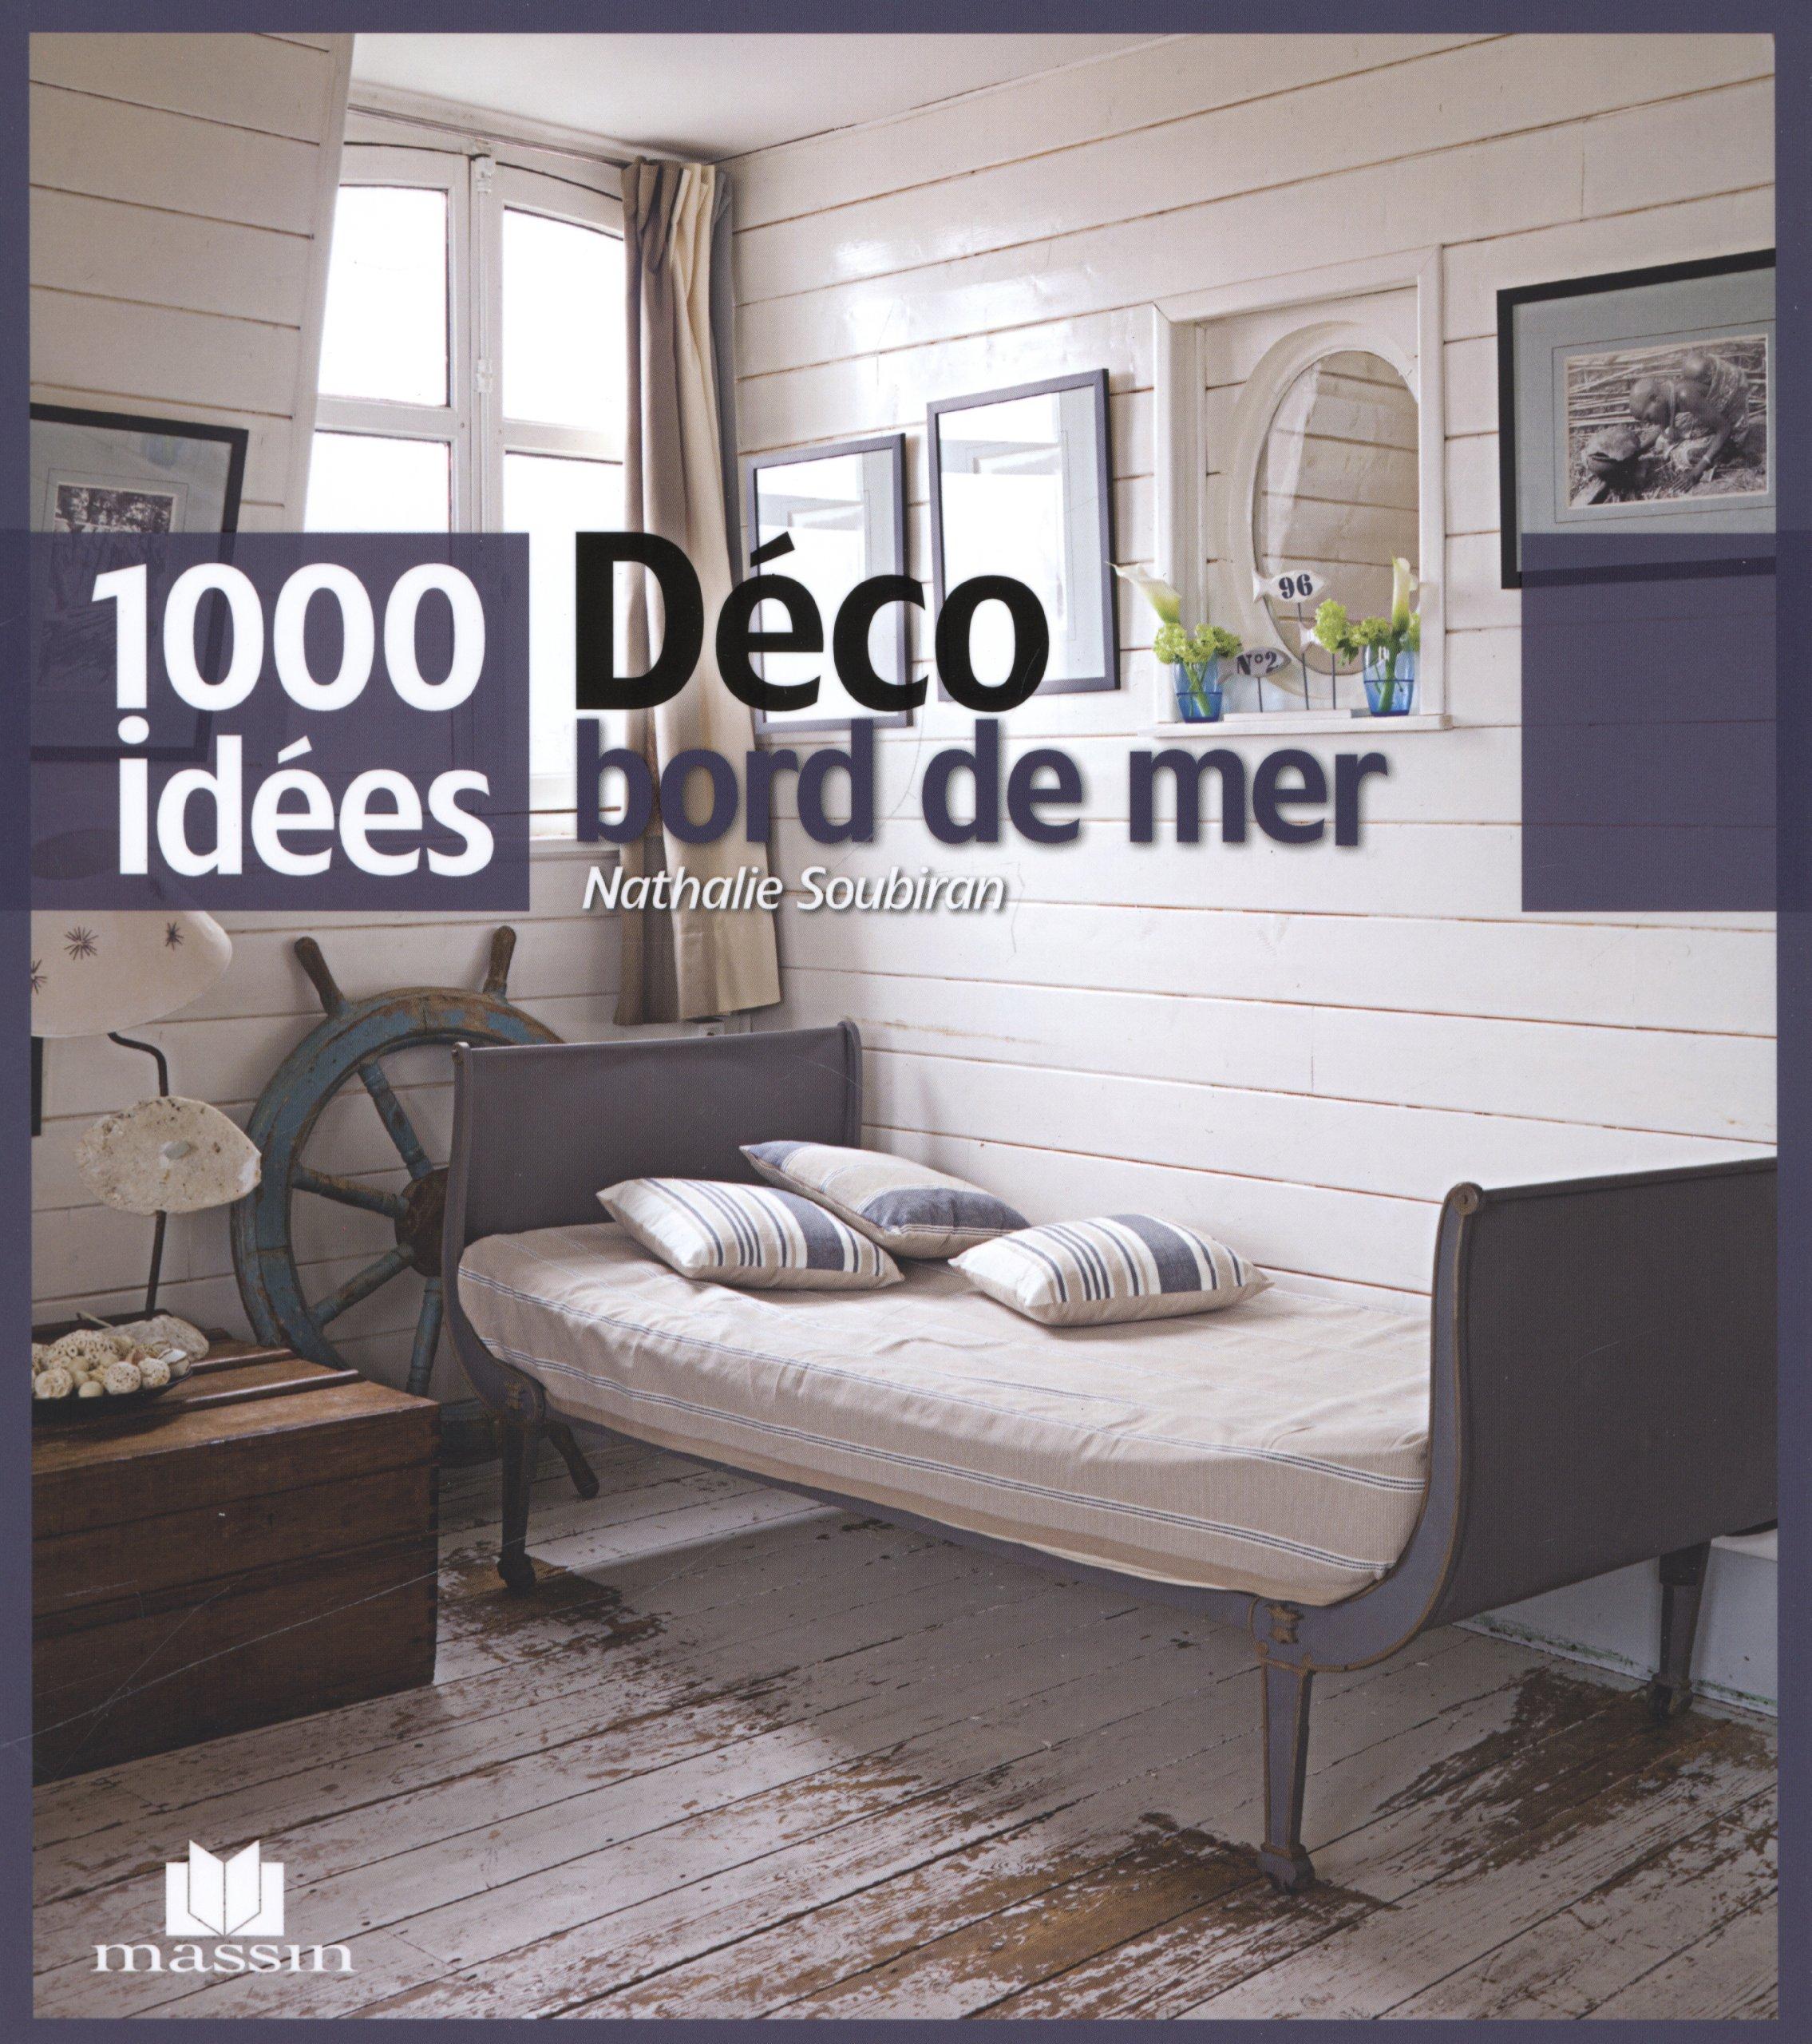 Exceptionnel Déco Bord De Mer (French) Mass Market Paperback U2013 Jul 3 2013